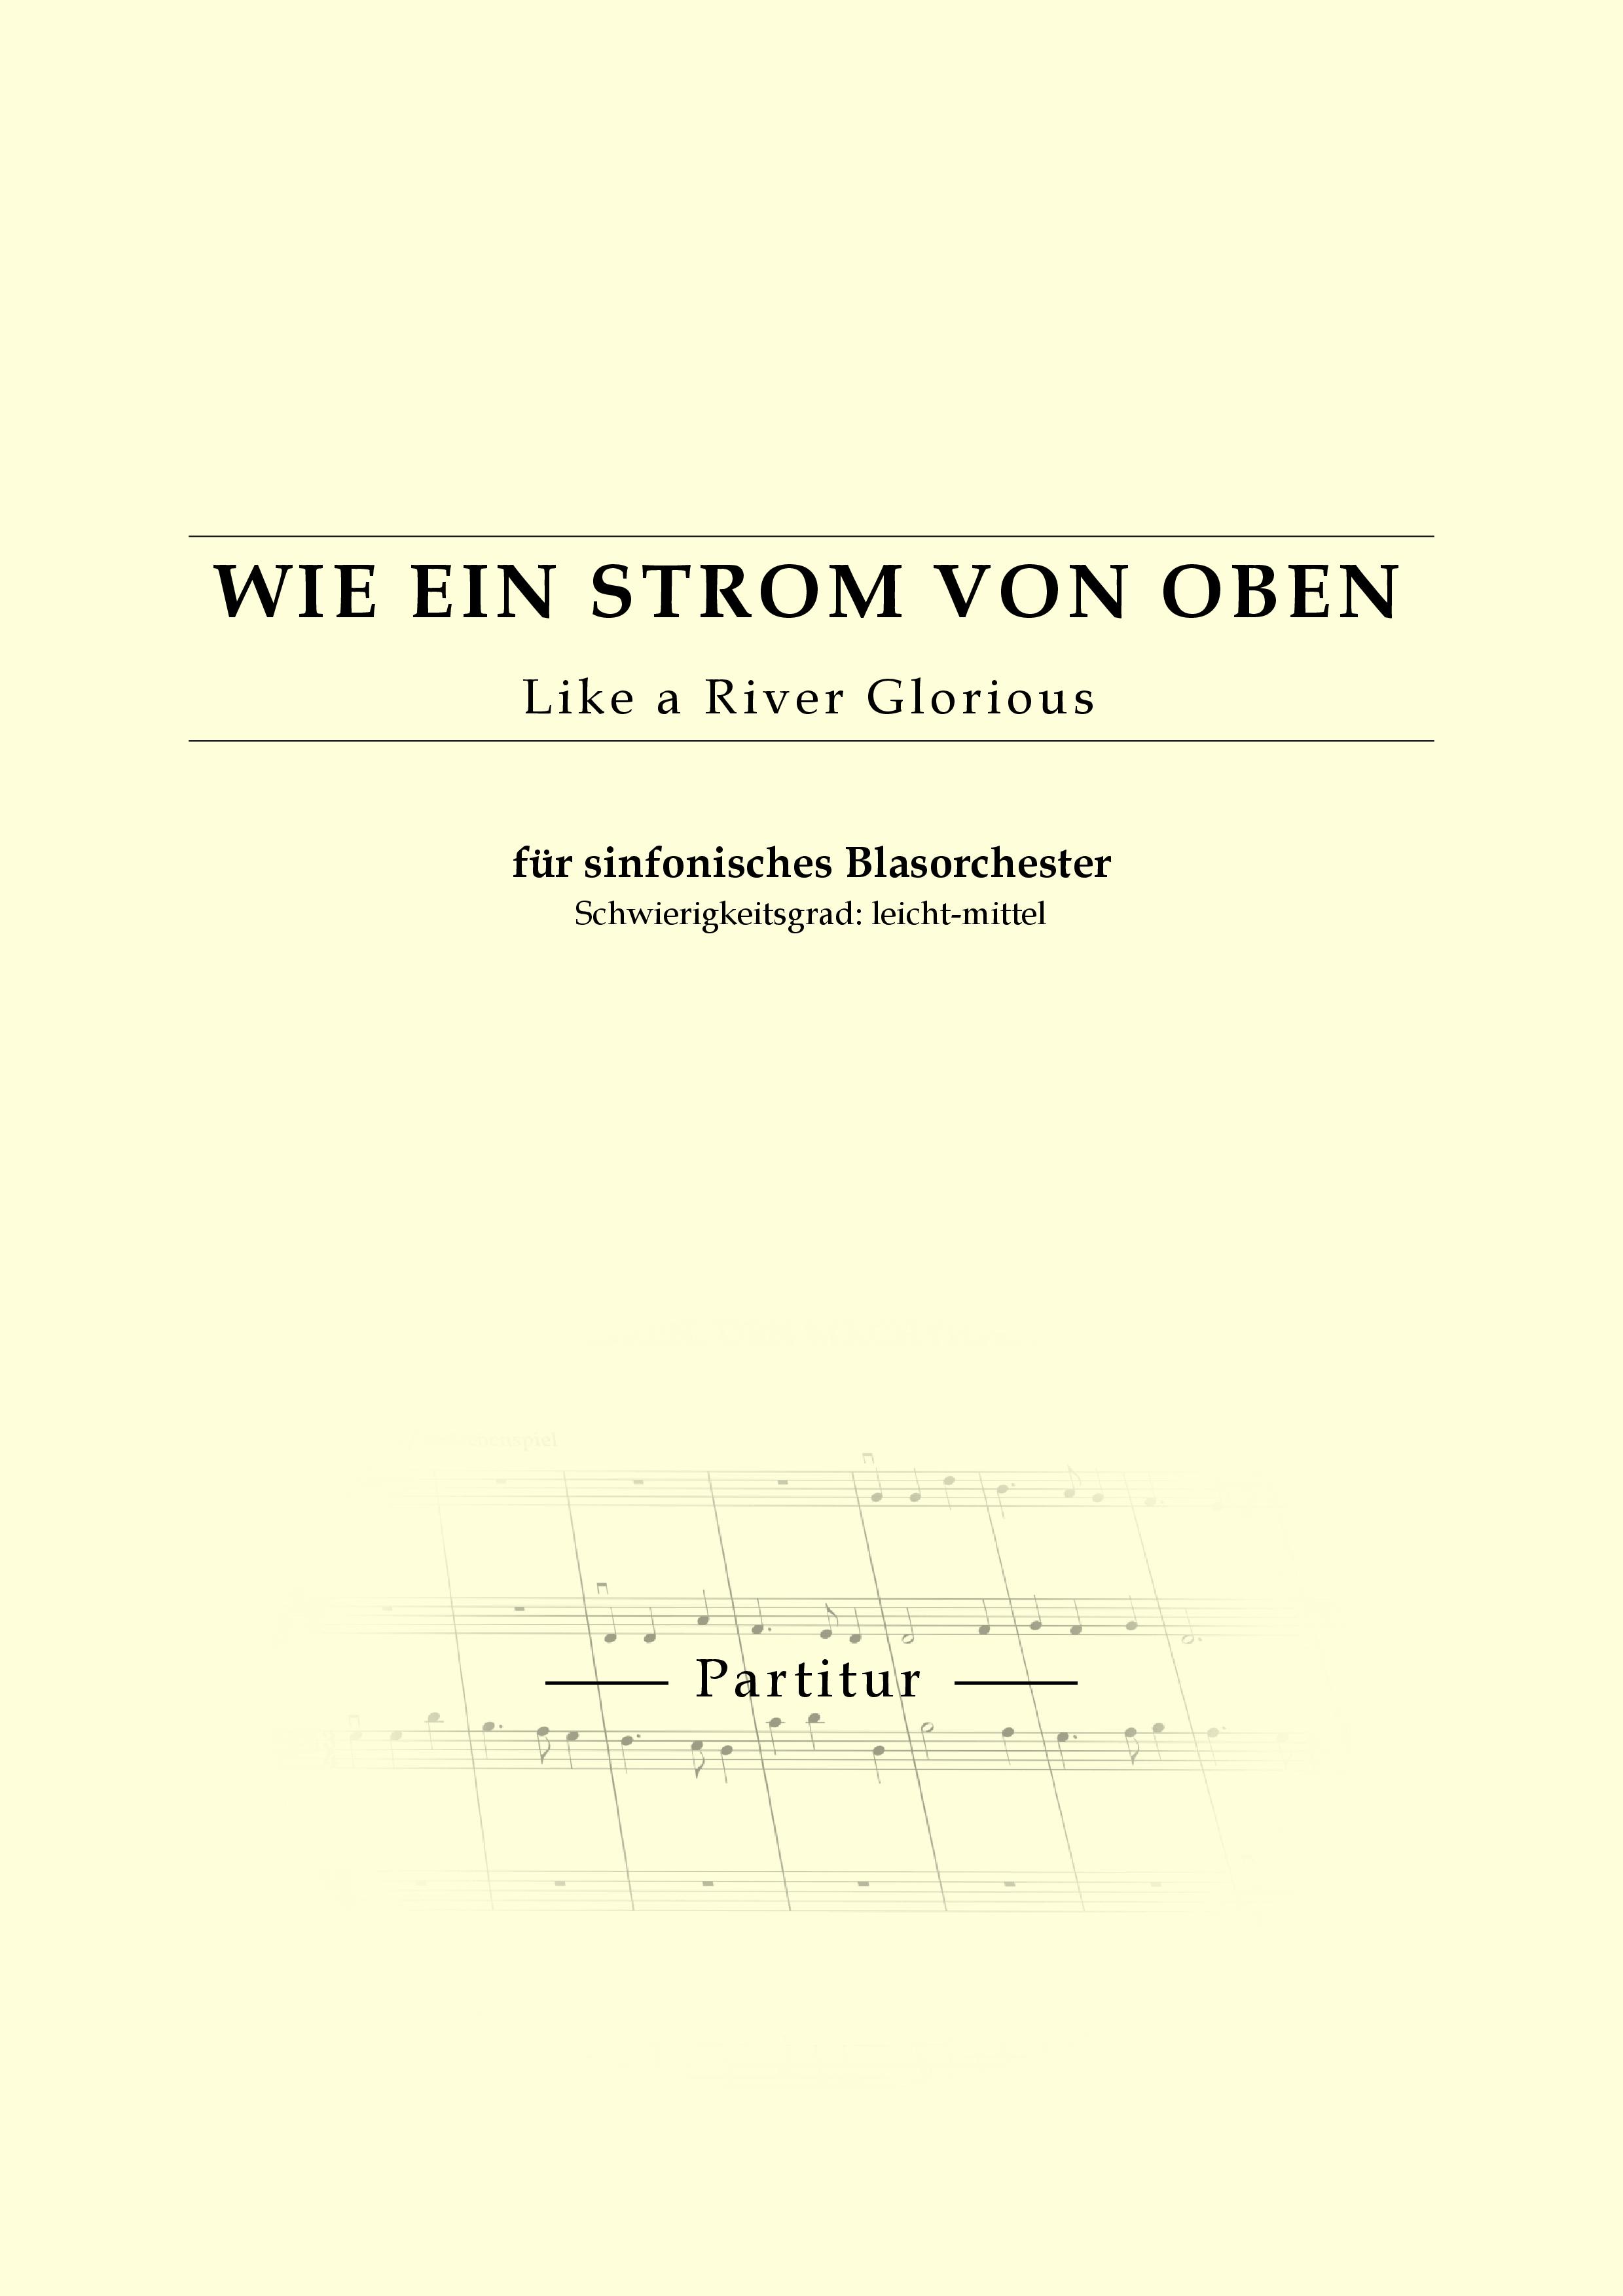 Kochinsel Strom Von Oben ~ partitur für sinfonisches blasorchester wie strom von